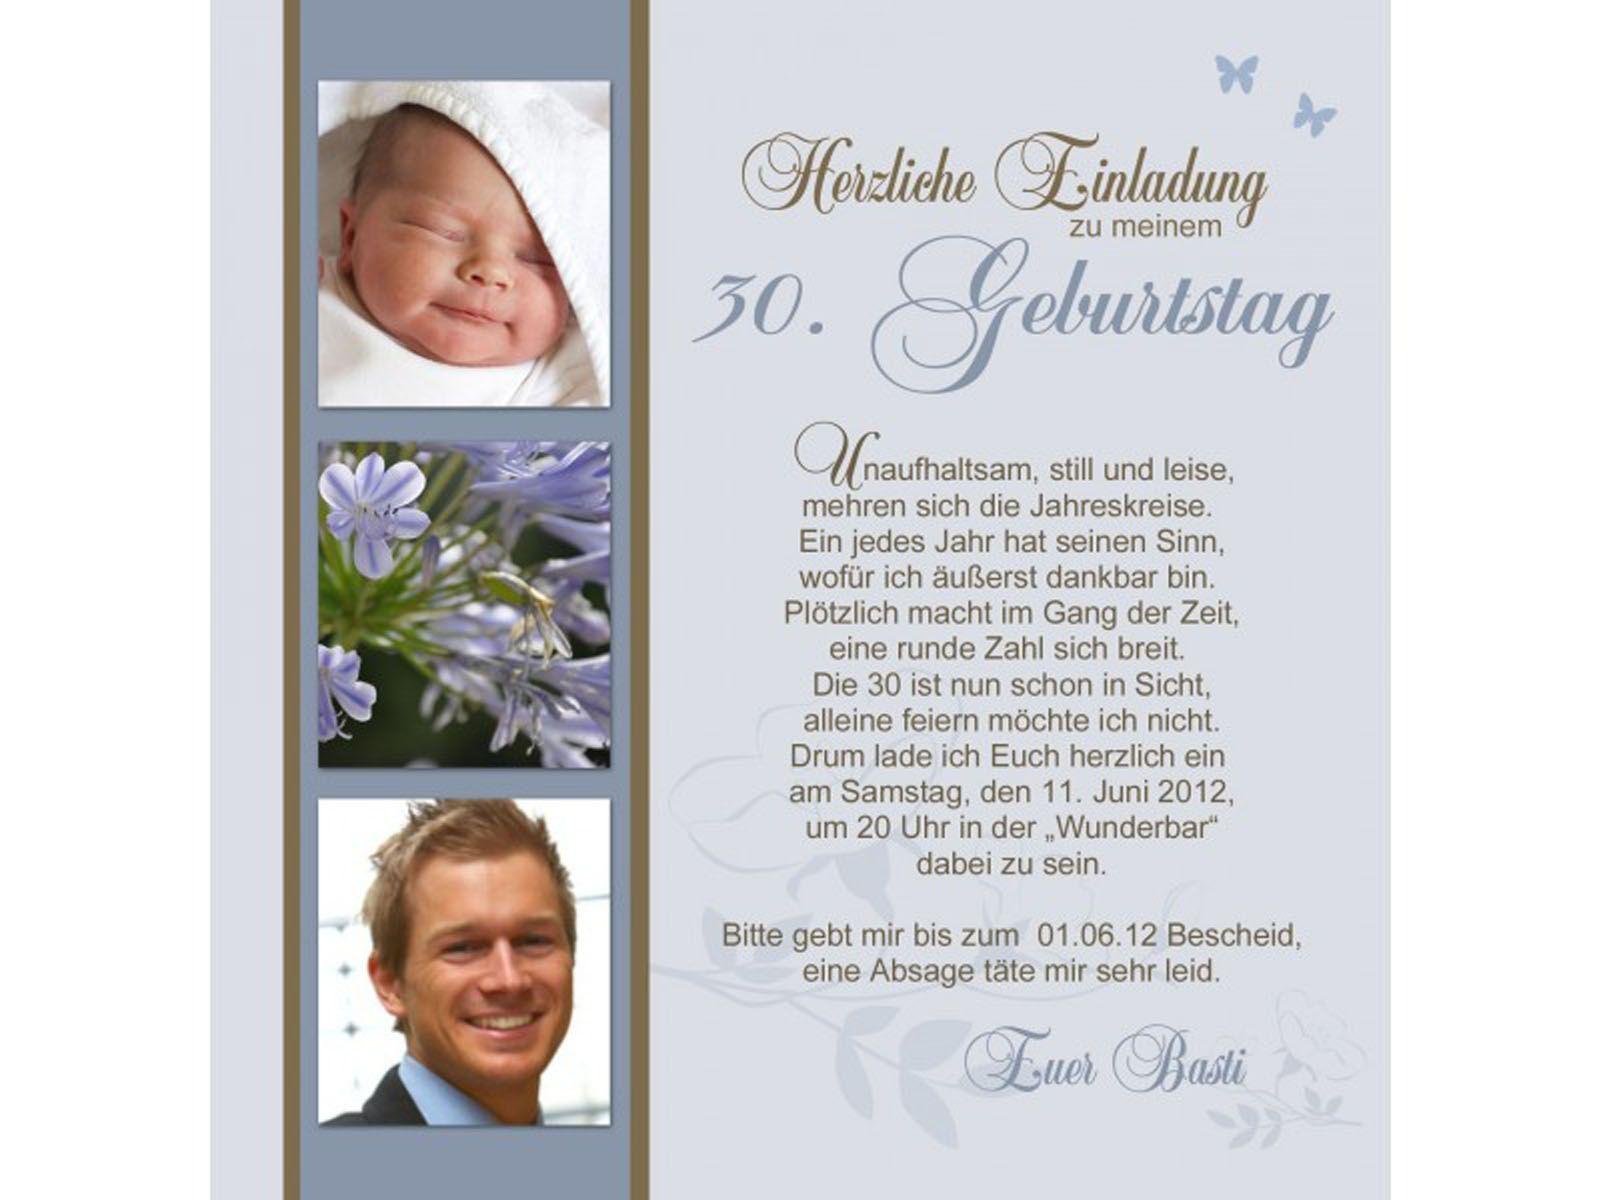 Einladungskarte 60 Geburtstag Einladungskarte 50 Geburtstag Man Einladung Zum Gebu Einladung Geburtstag Text Einladung Geburtstag Einladung 60 Geburtstag